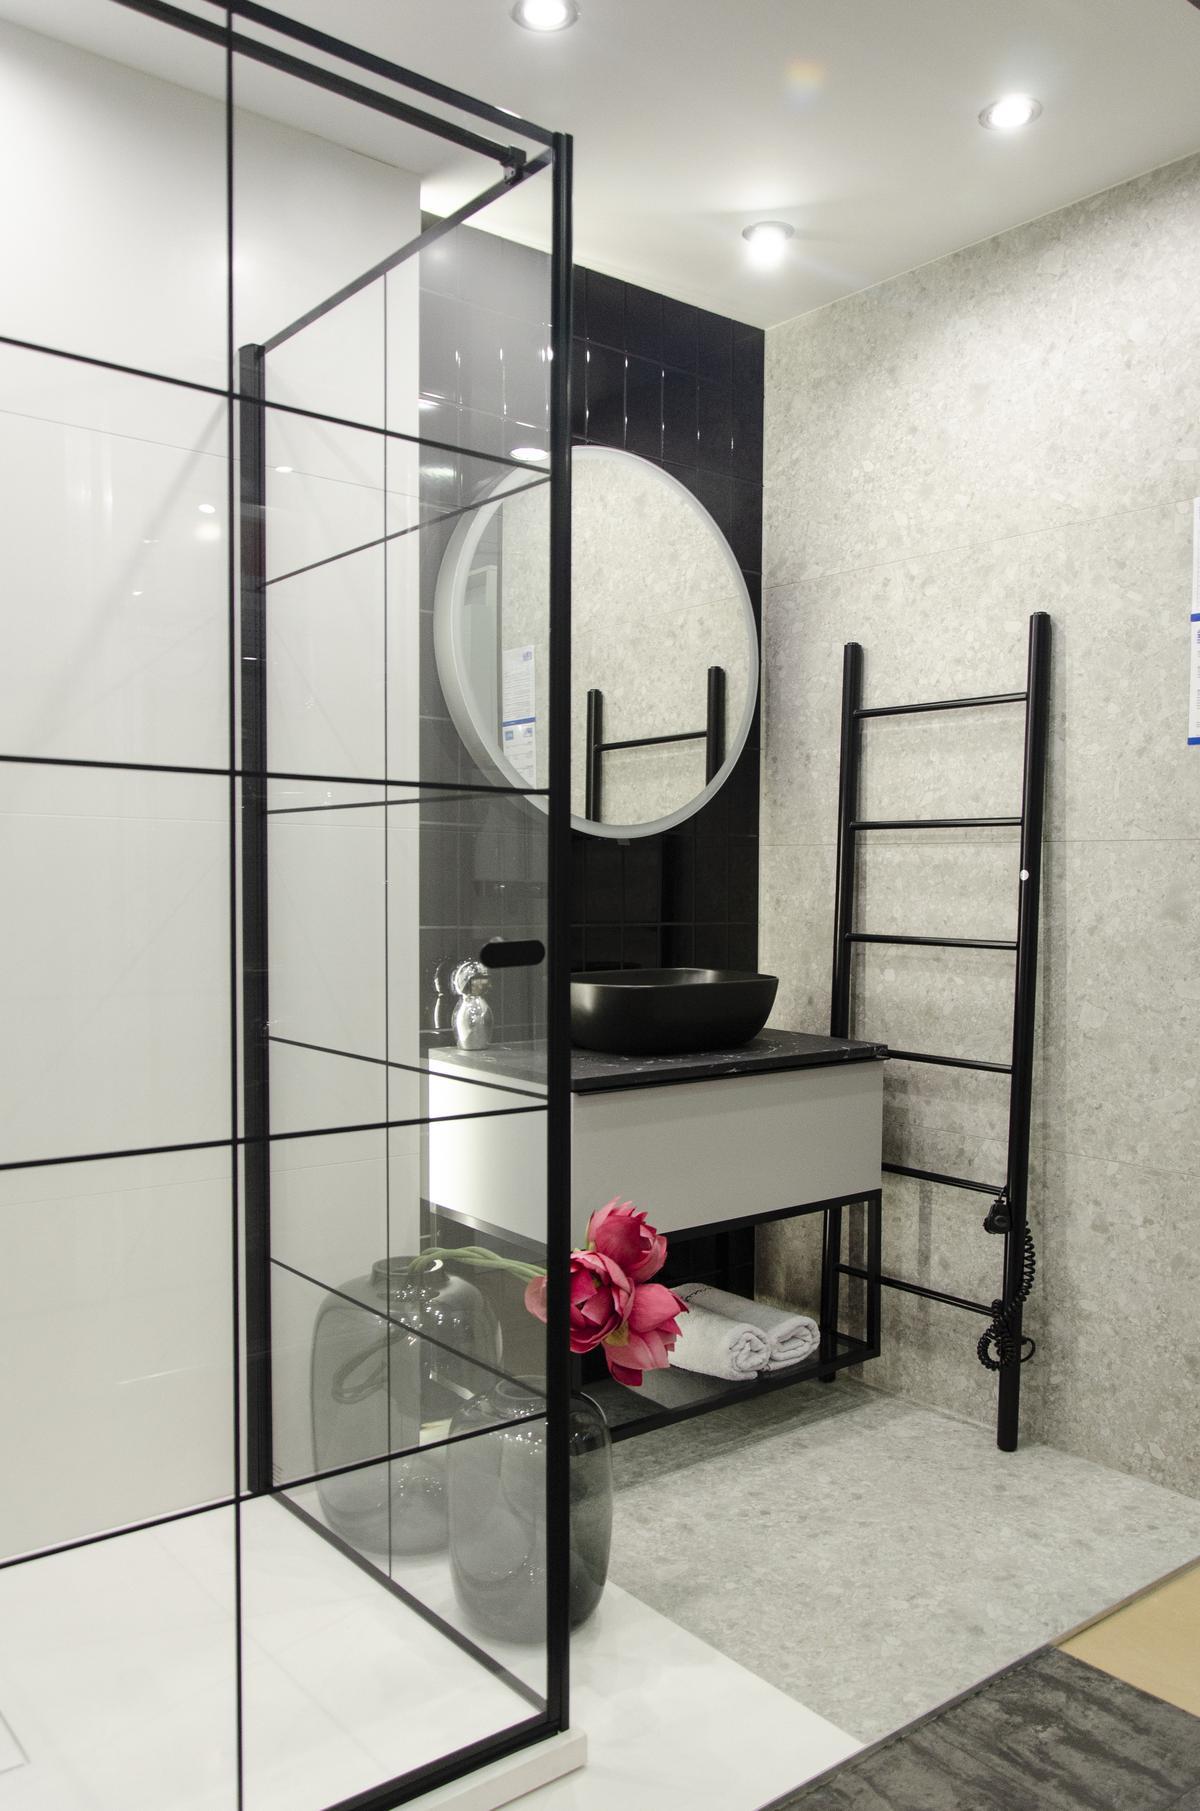 Biało-czarna łazienka w industrialnym stylu z czarną armaturą - zdjęcie od BLU salon łazienek Koszalin